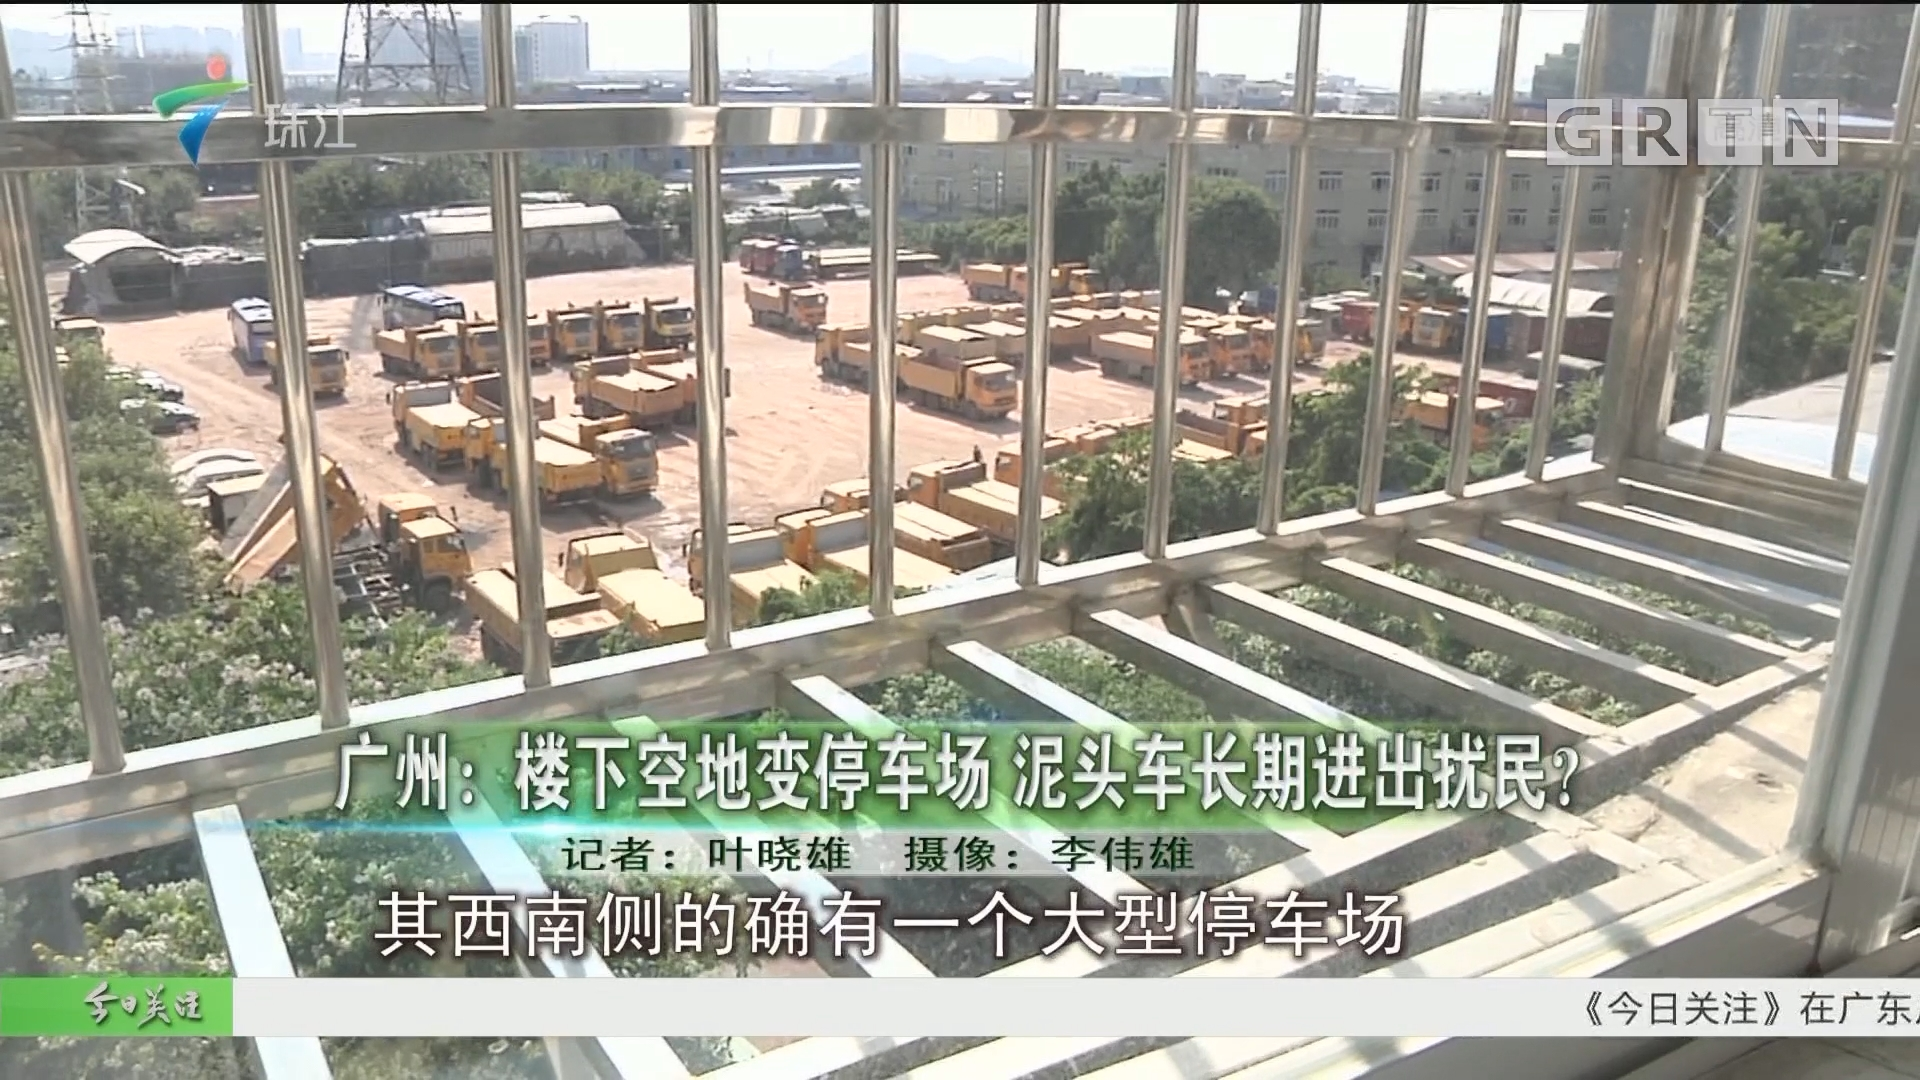 广州:楼下空地变停车场 泥头车长期进出扰民?